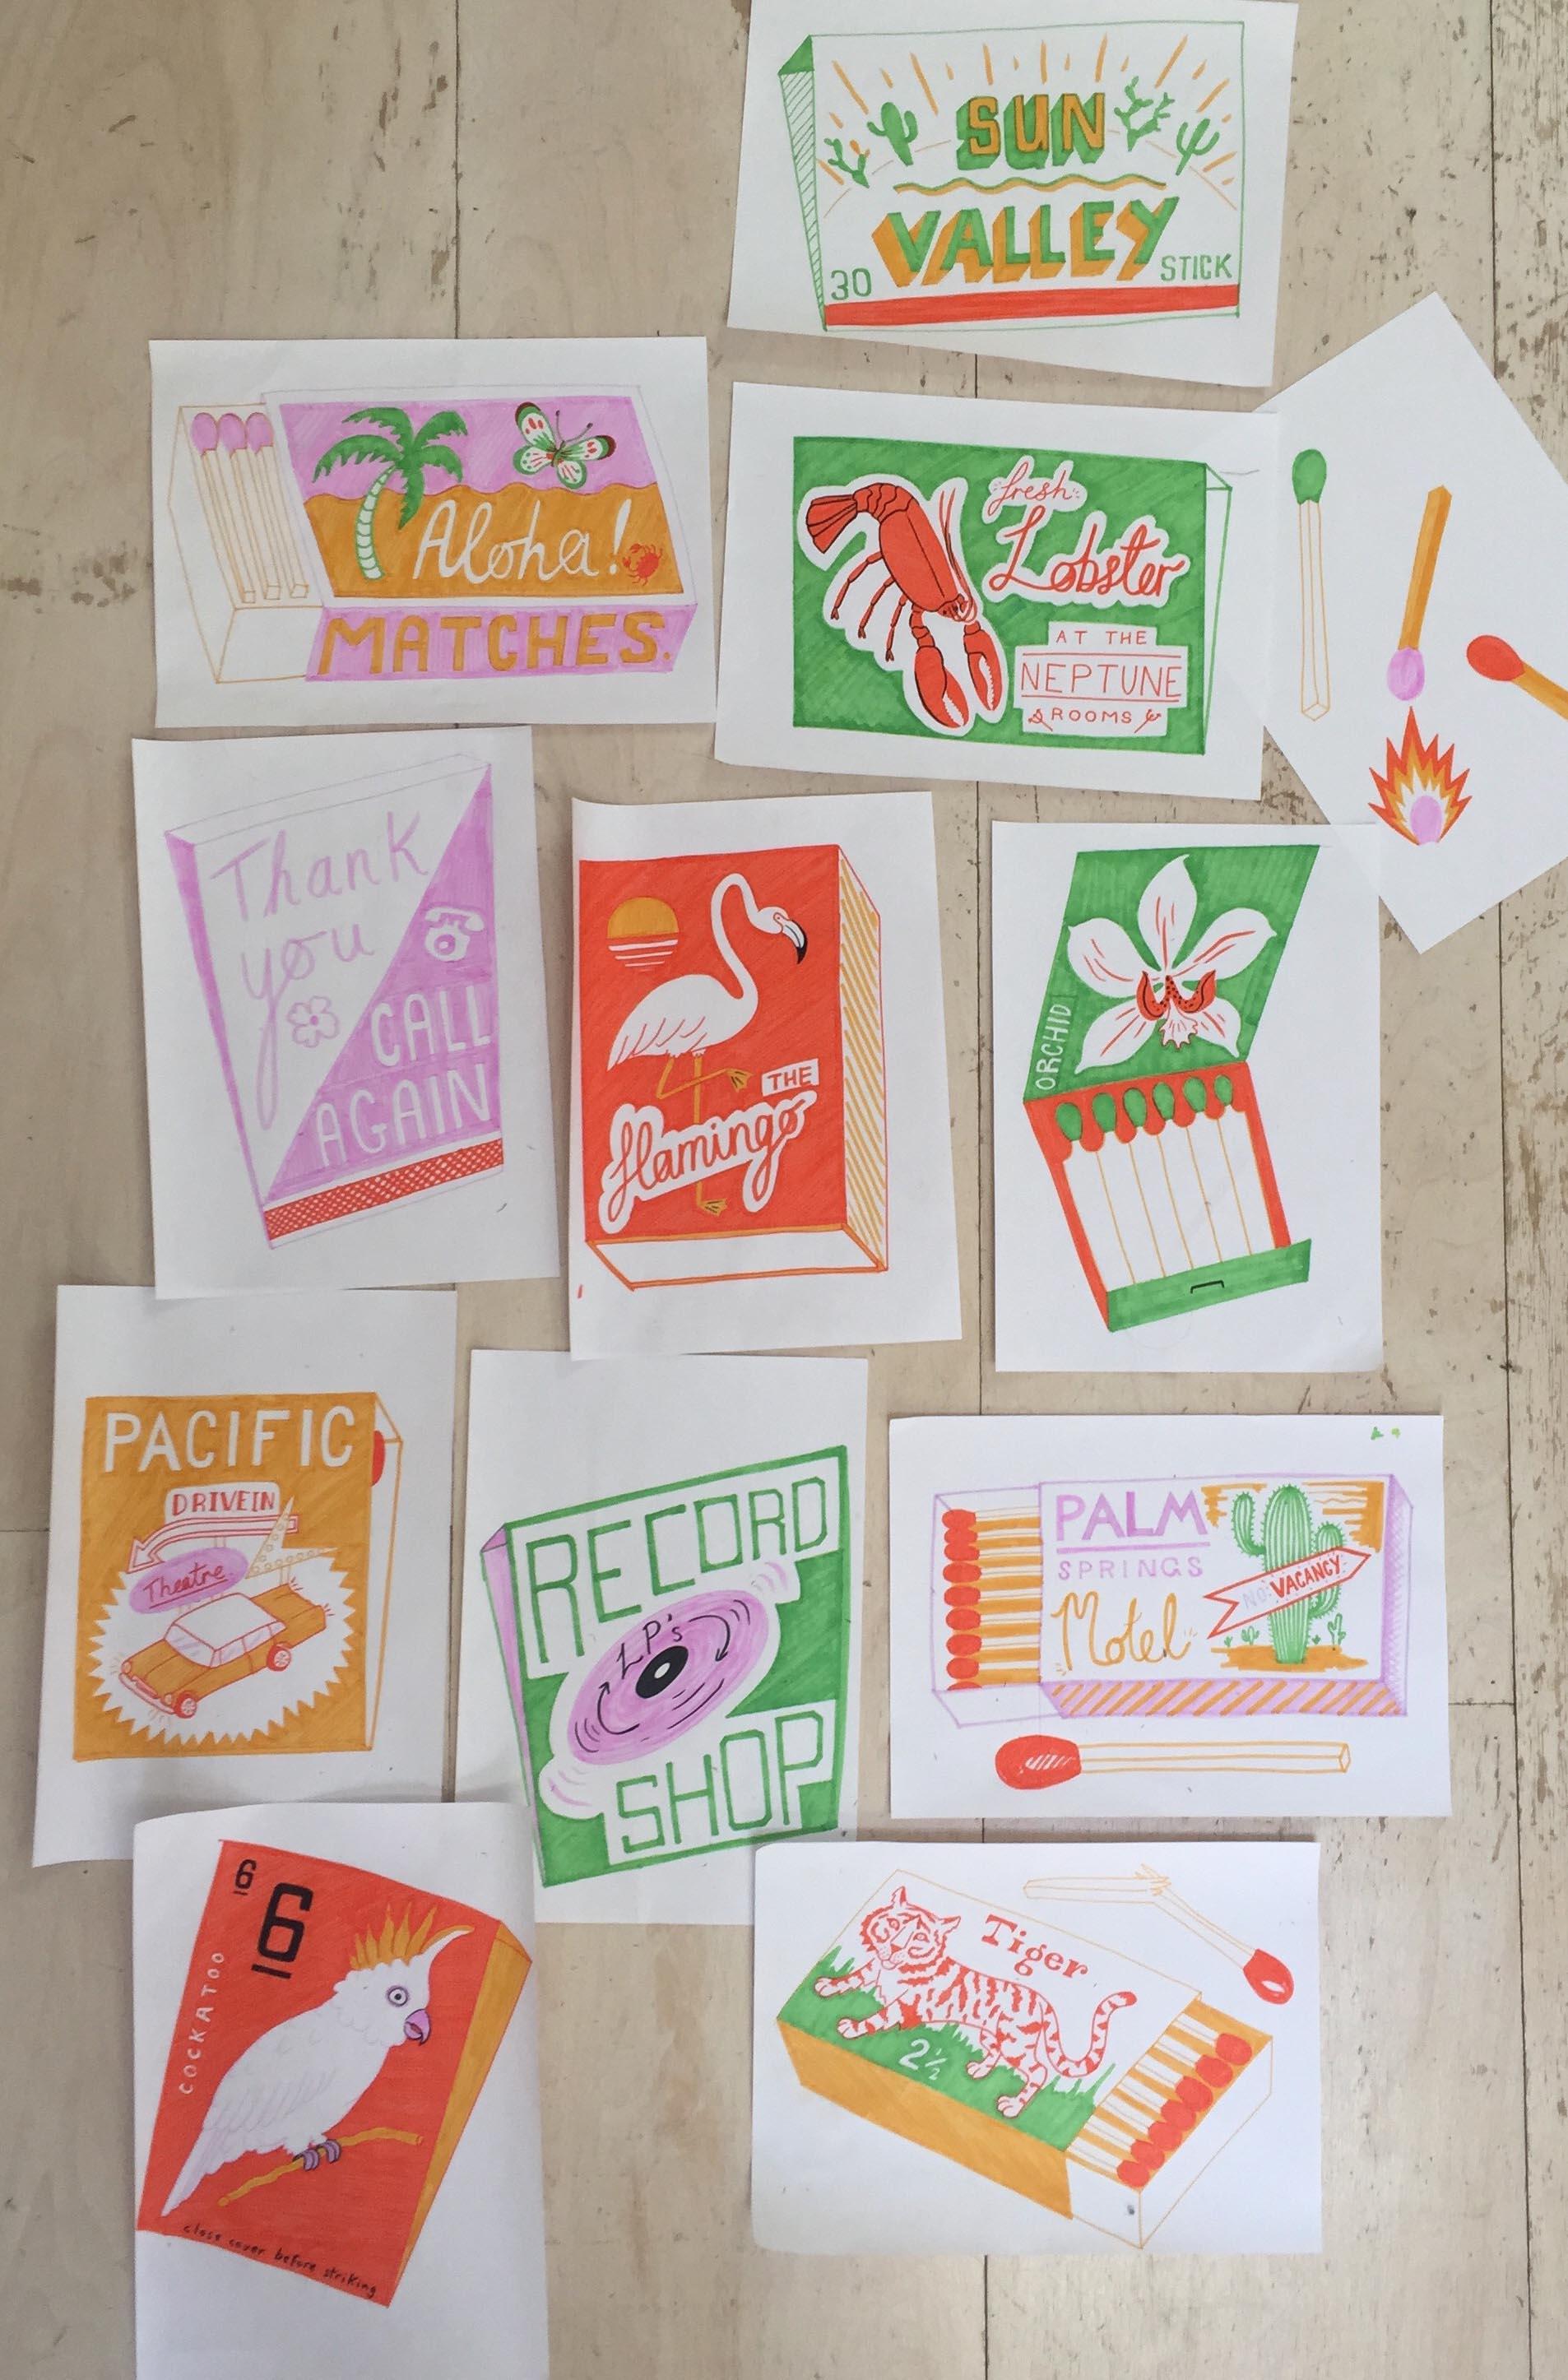 Matchbook sketches A4.jpg